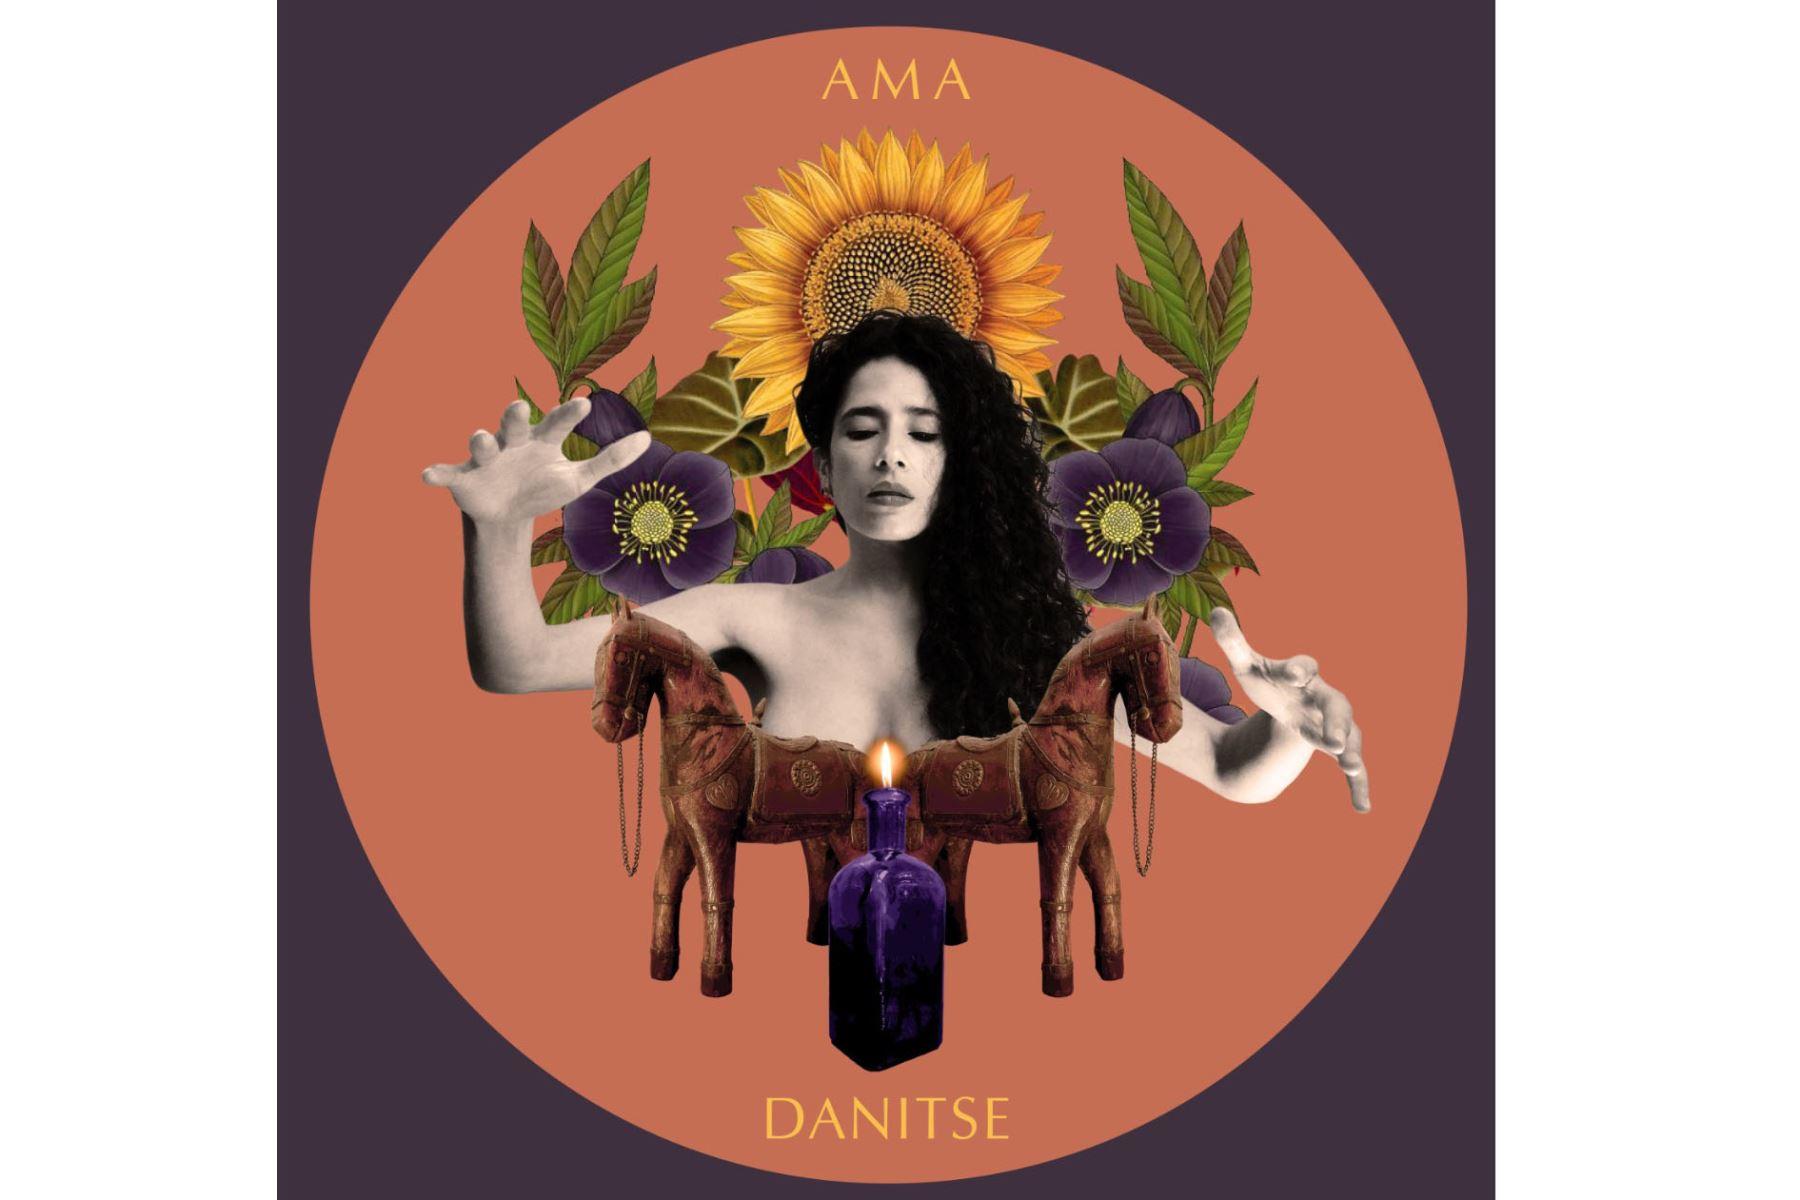 """Danitse vuelve a los escenarios con su nueva producción \""""Ama\"""""""